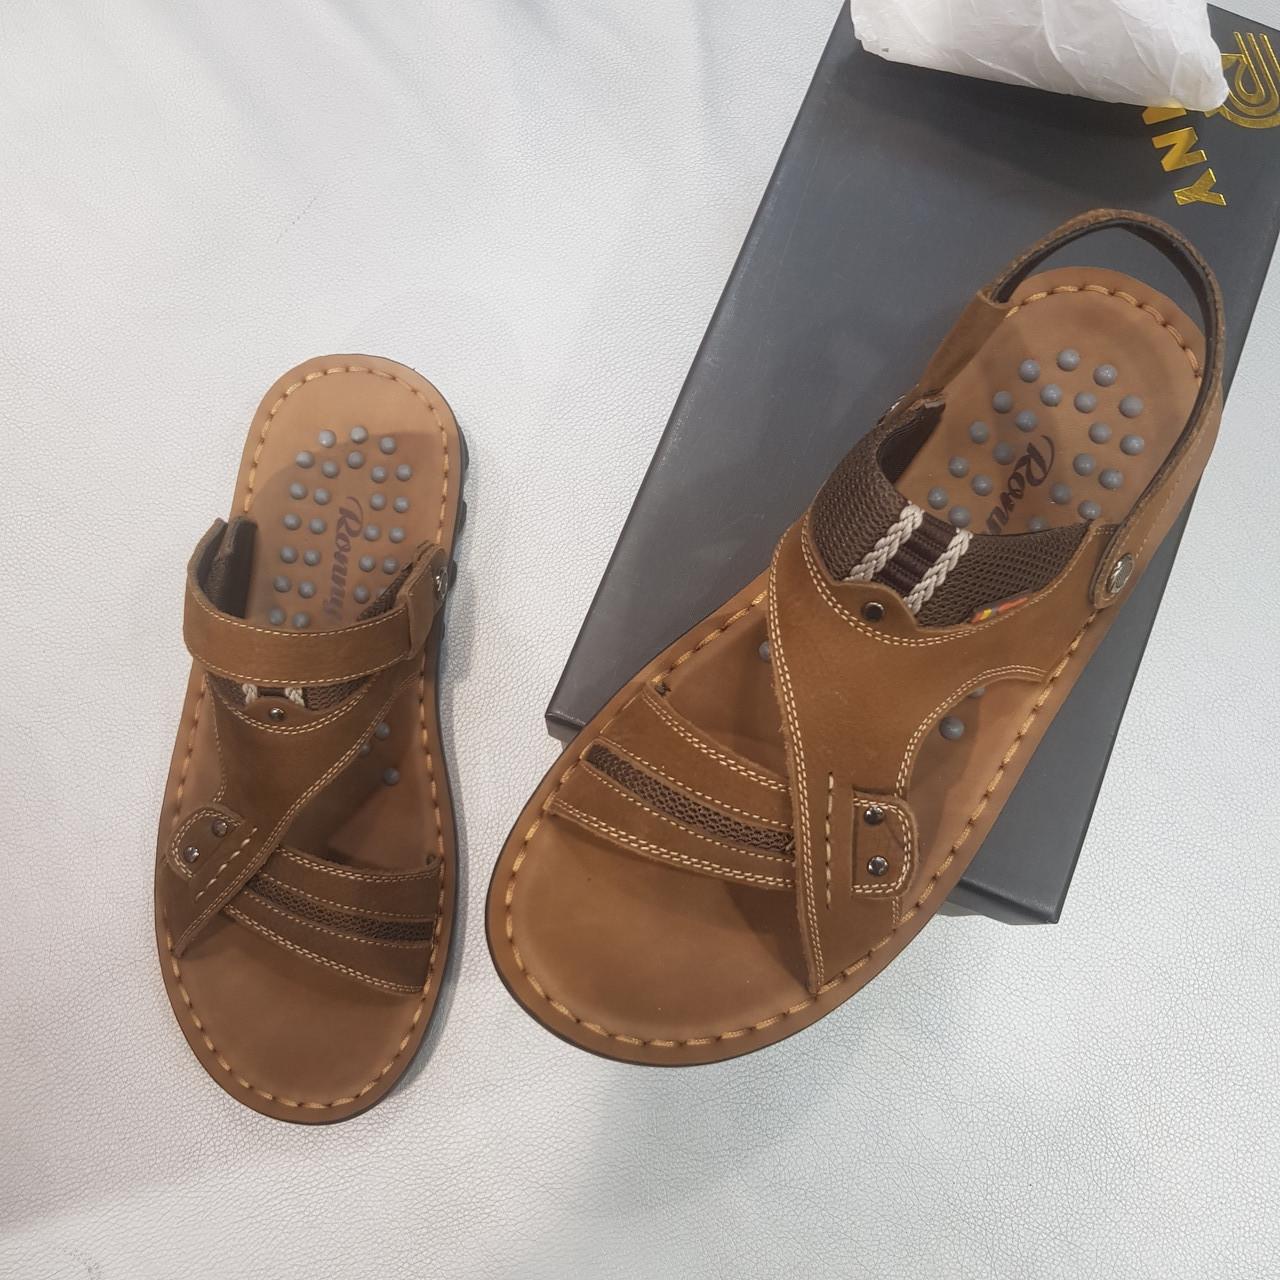 Мужские босоножки, сандалии из натуральной кожи оливковые